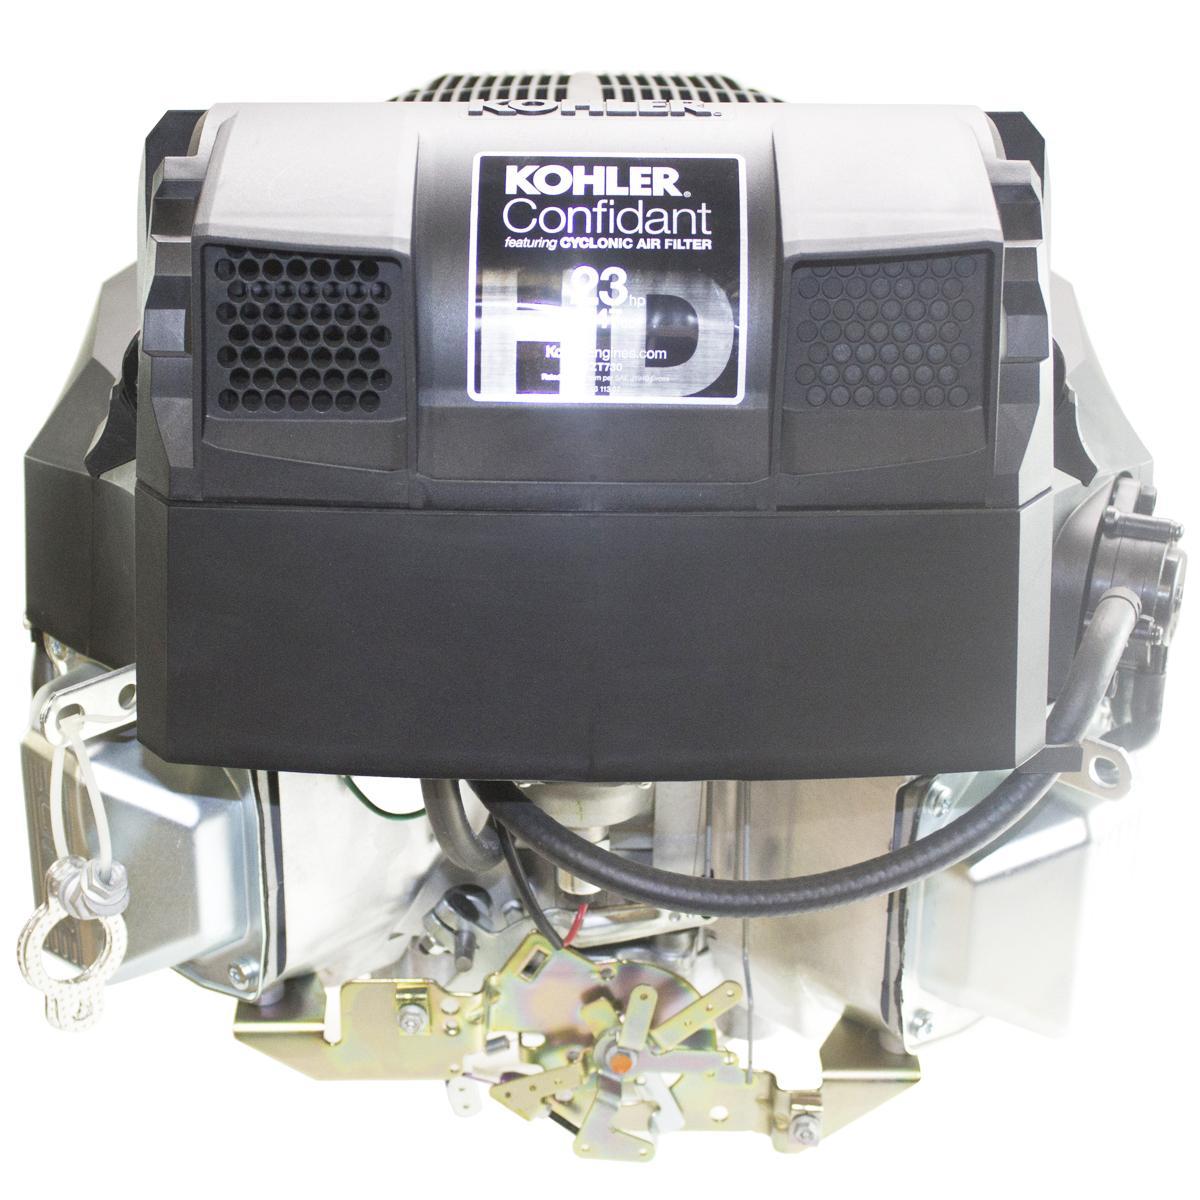 """23hp Confidant, Vertical 1-1/8"""" x 4-3/8"""" Shaft, OHV, Electric Start, 15 Amp Alt, Fuel Pump, Oil Filter, Kohler Engine"""